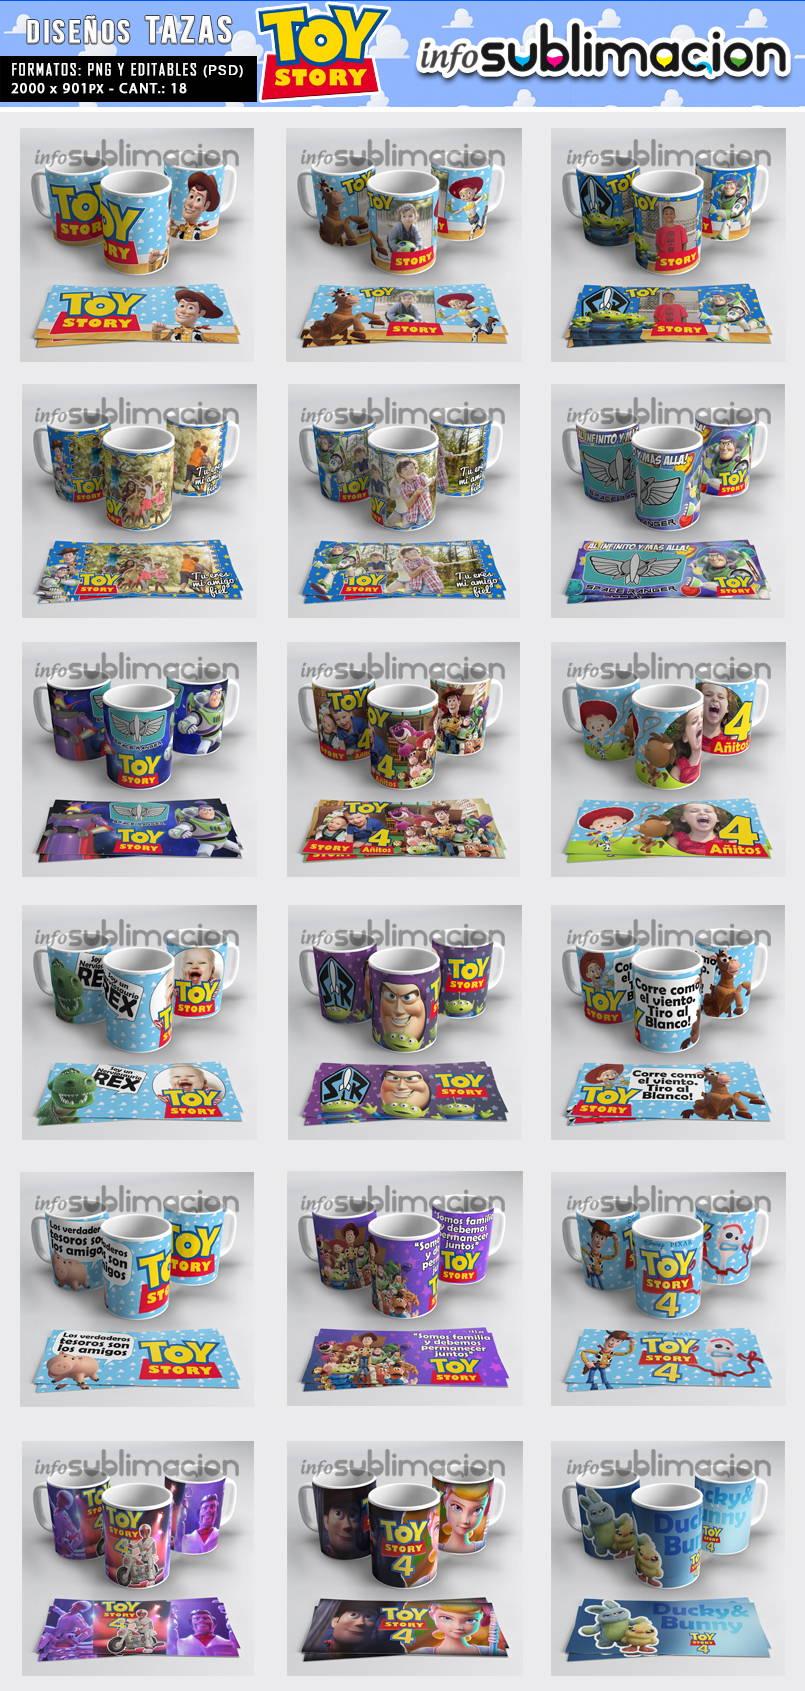 muestrario plantillas para tazas toy story